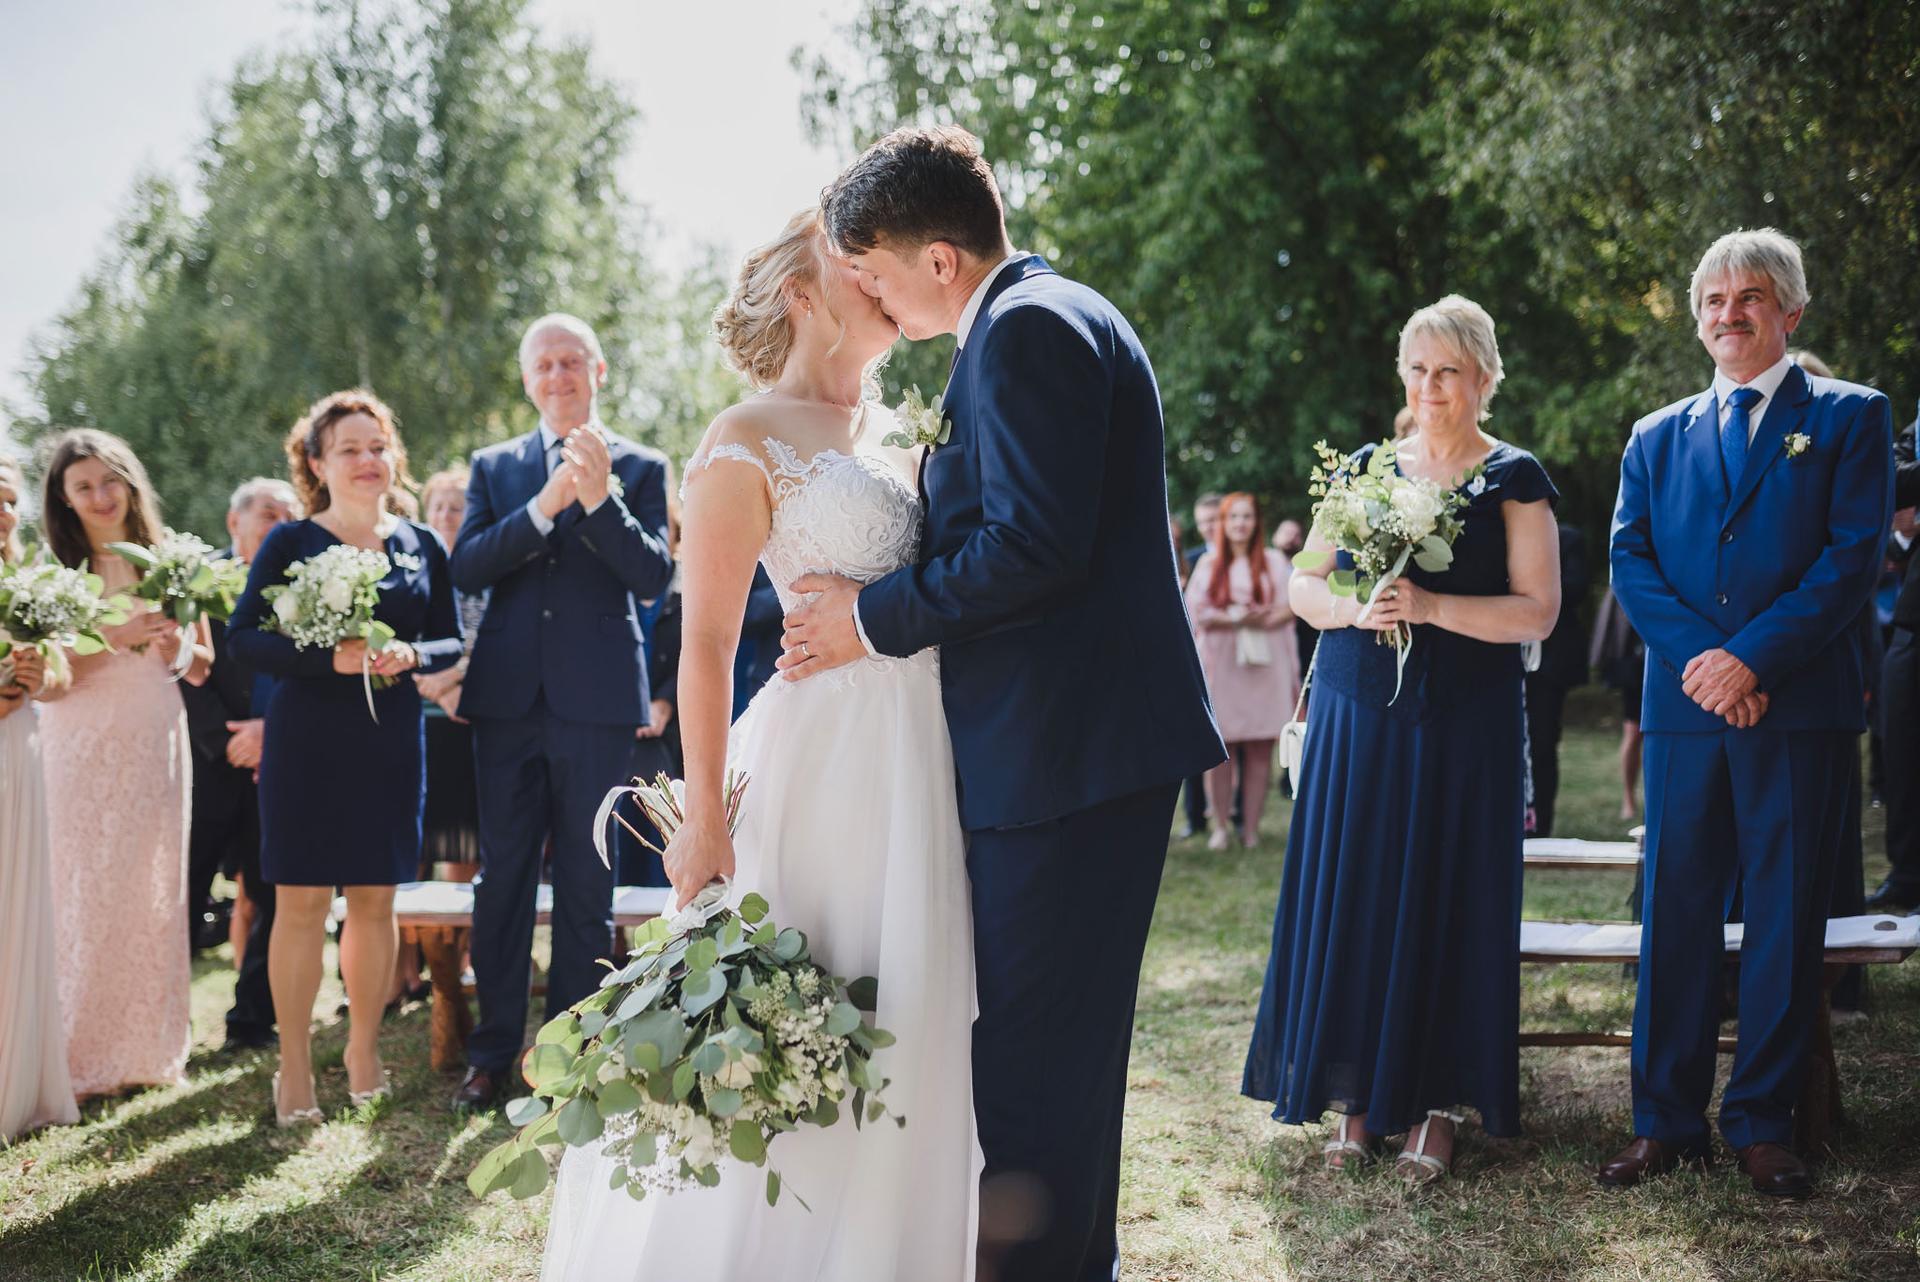 Svatební fotograf Karel Královec - kralovecphoto - Obrázek č. 2